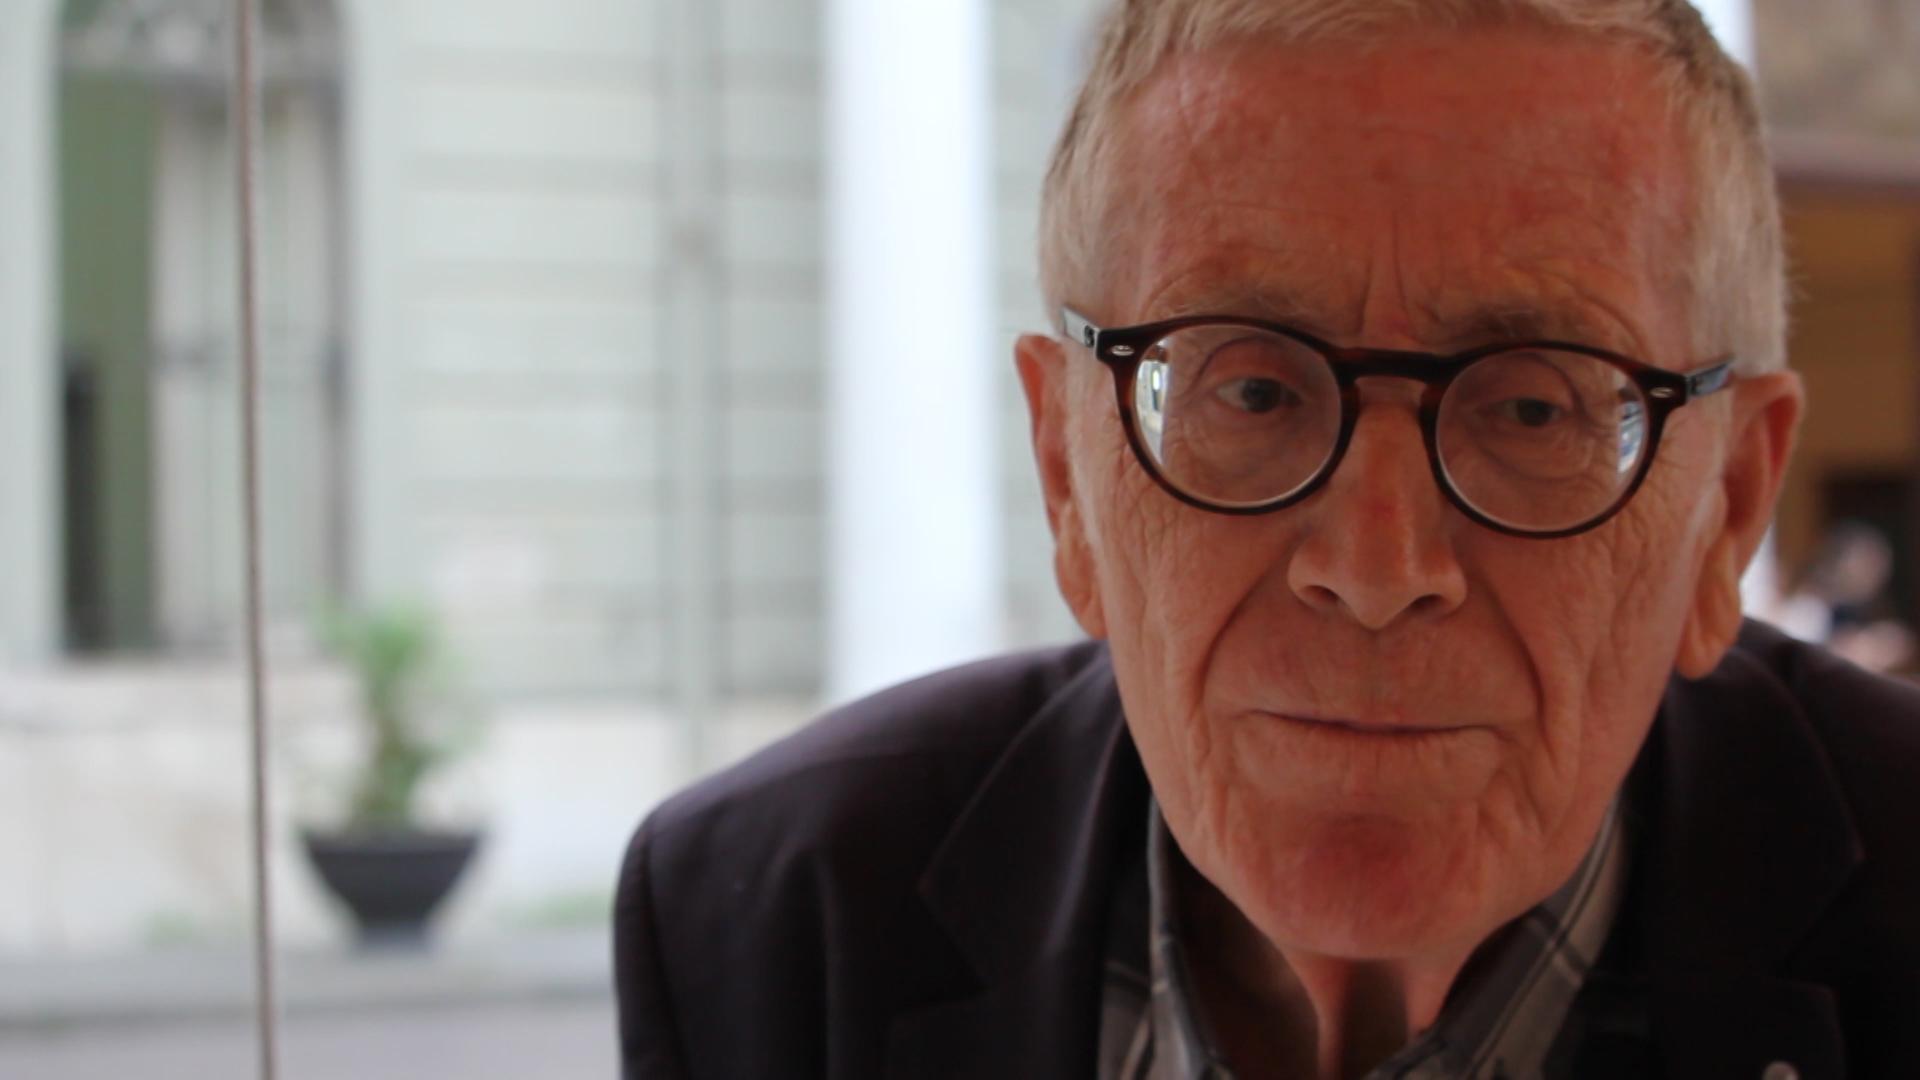 Luigi Simonetti